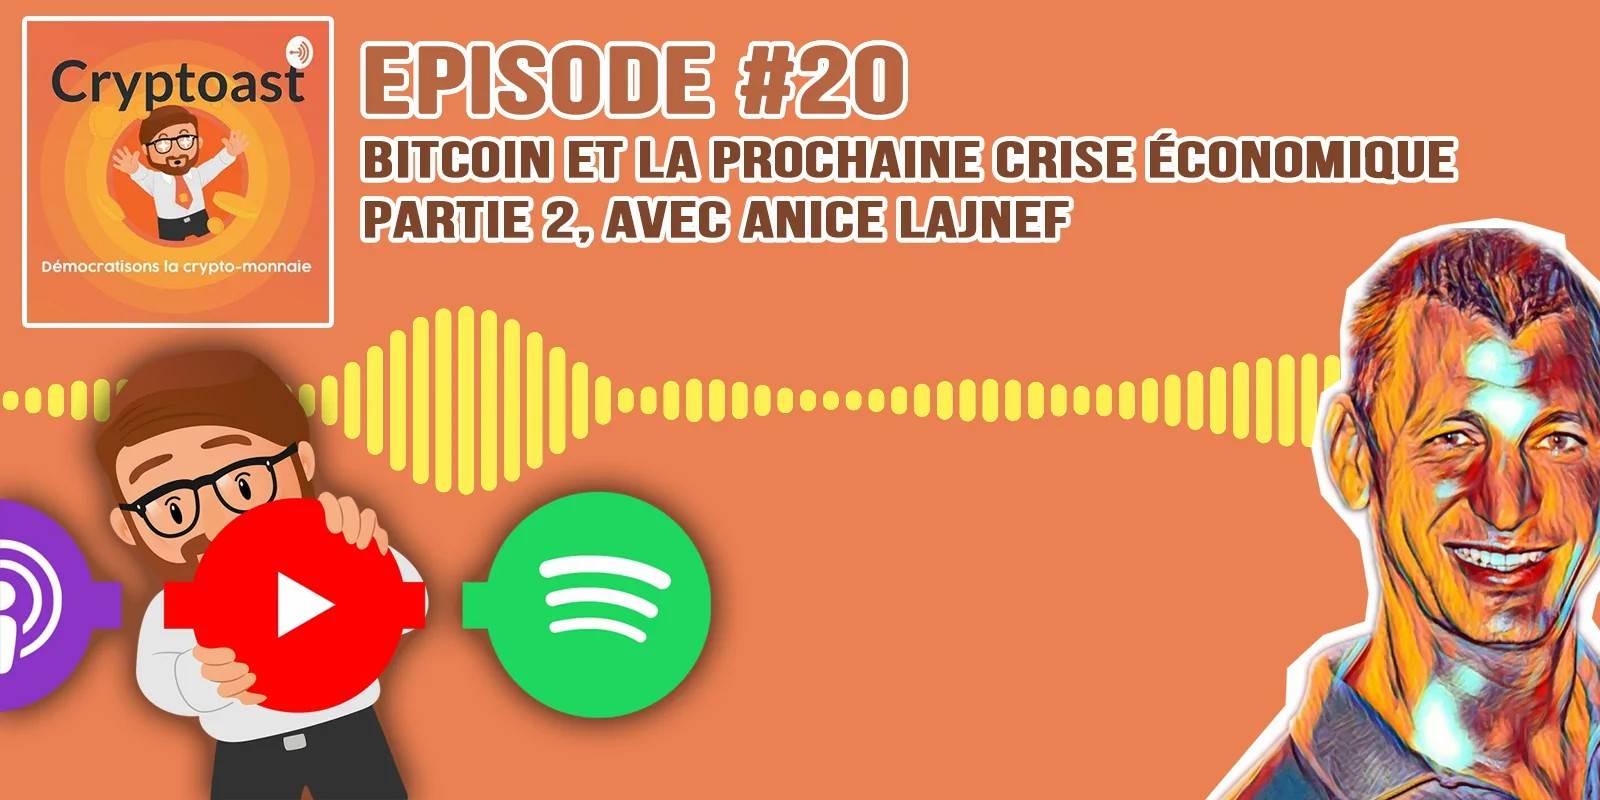 Podcast #20 - Bitcoin et la prochaine crise économique, partie 2, avec Anice Lajnef